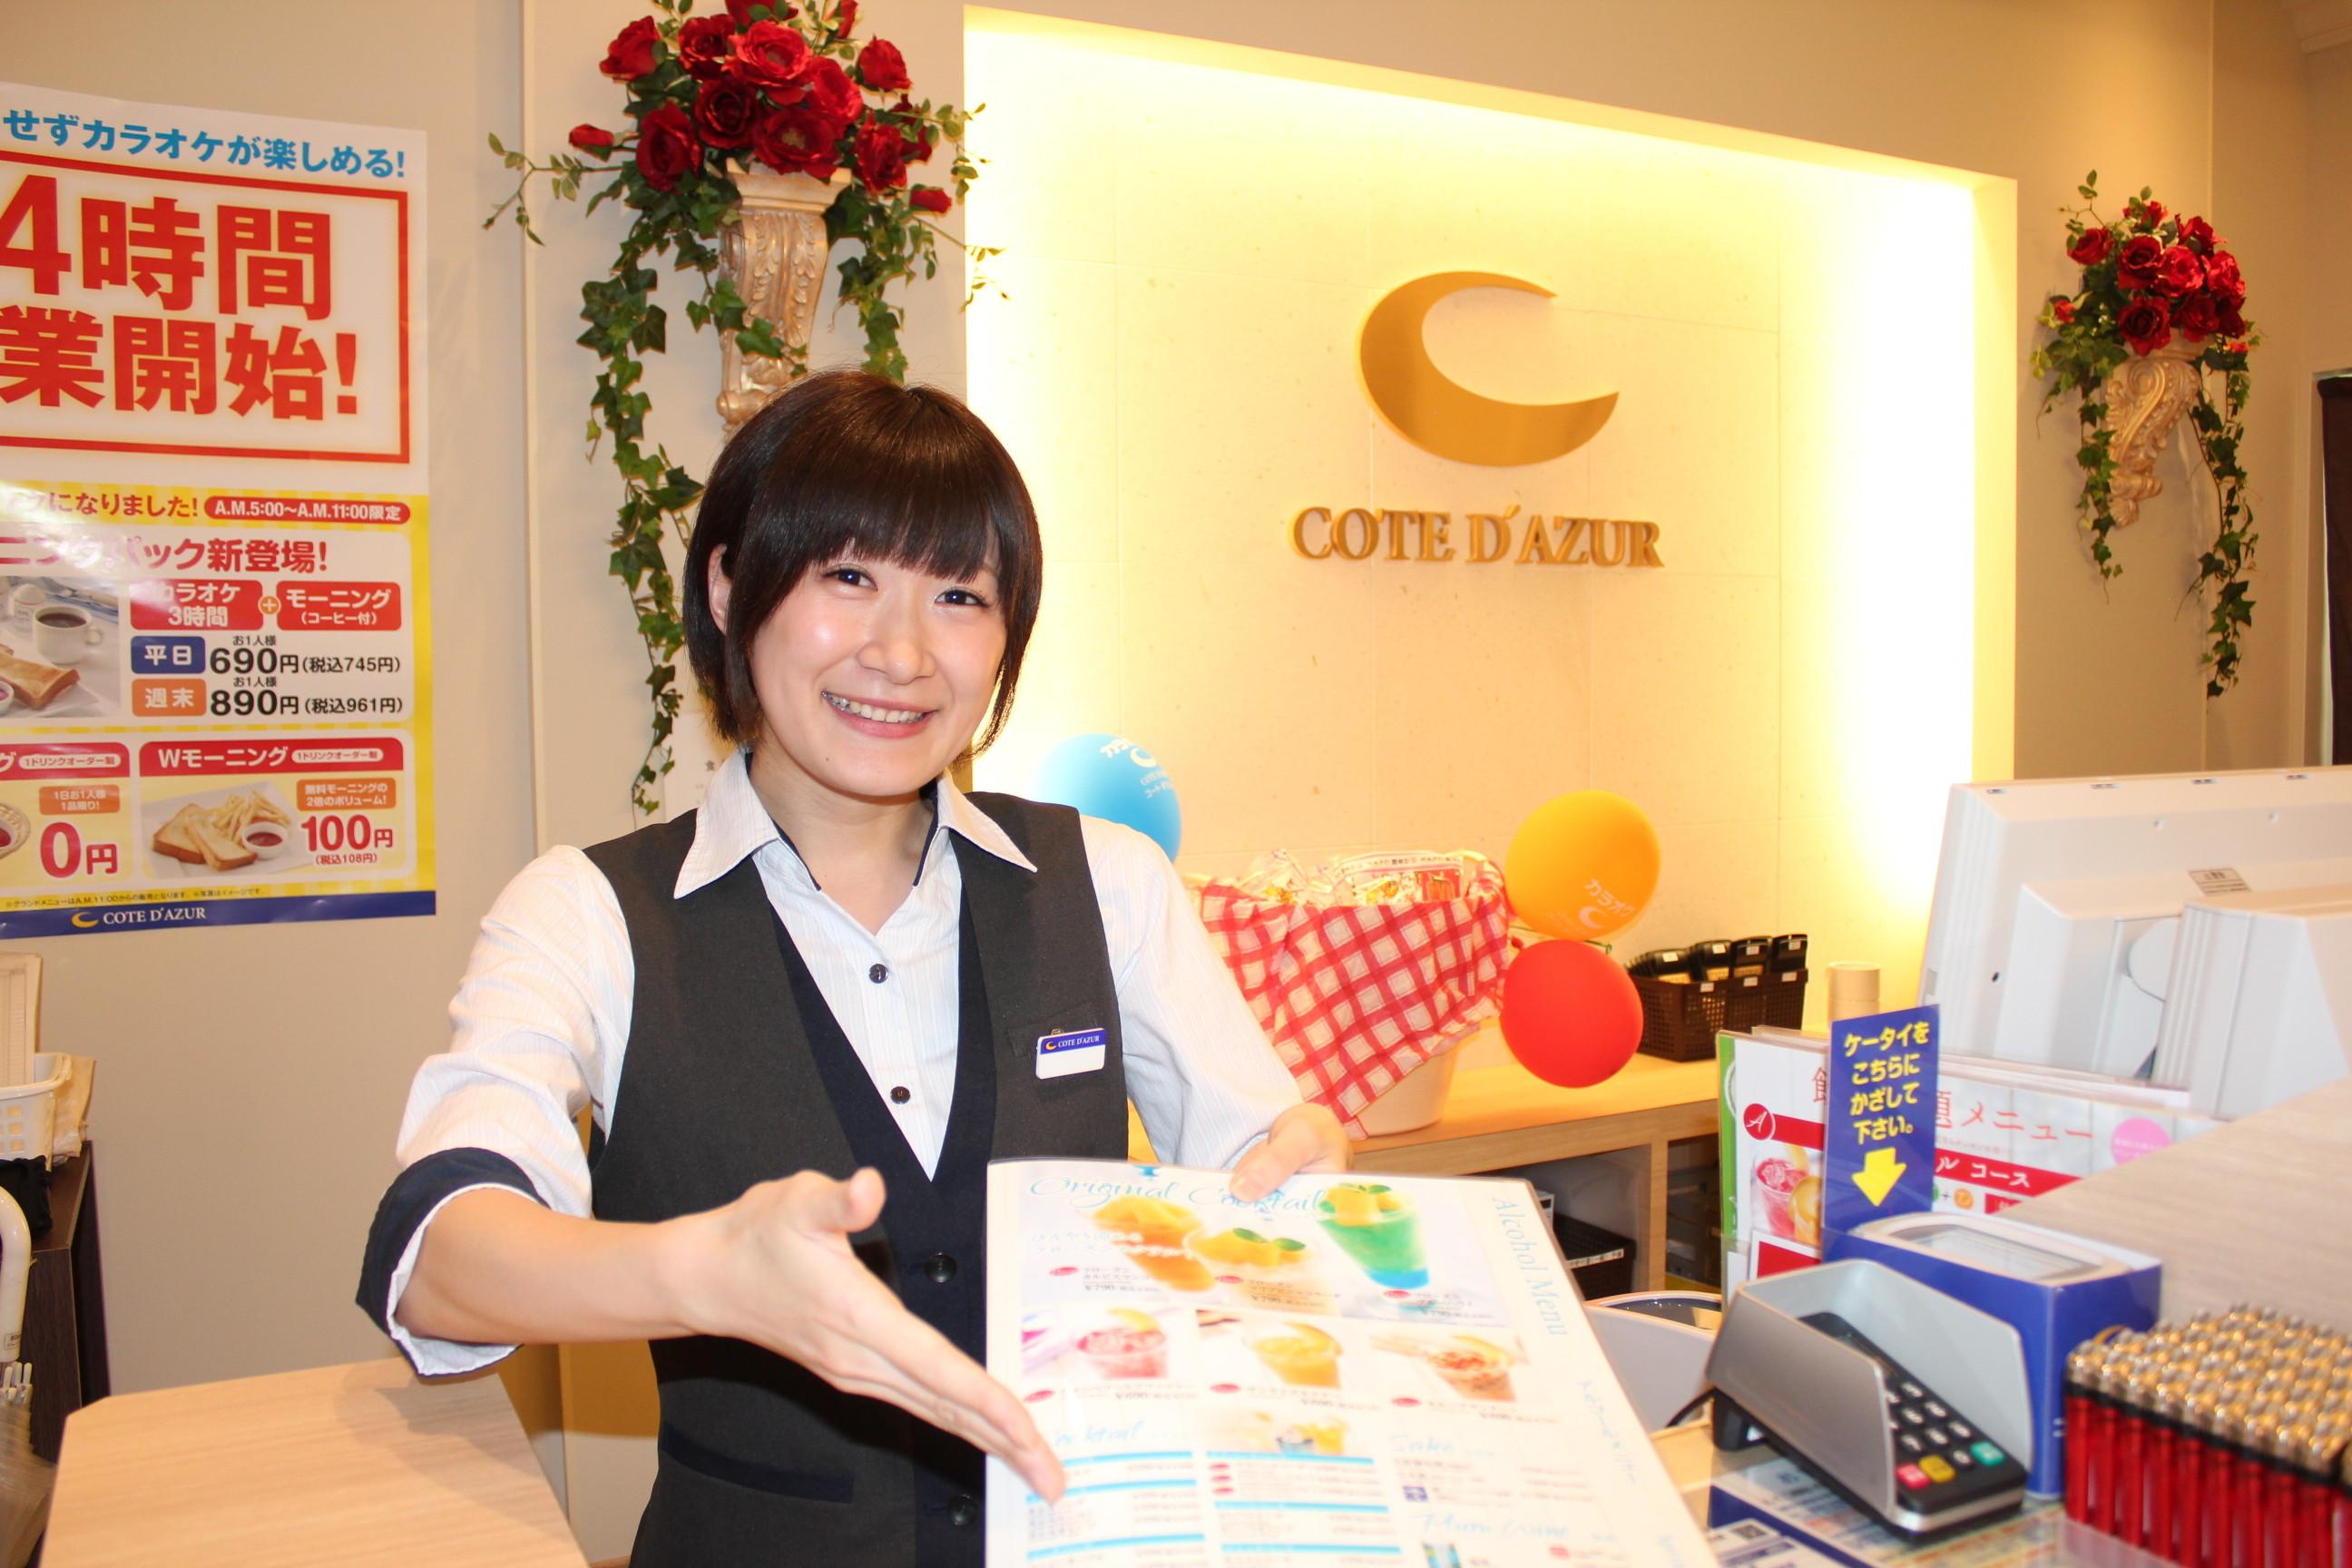 コート・ダジュール 小松店 のアルバイト情報